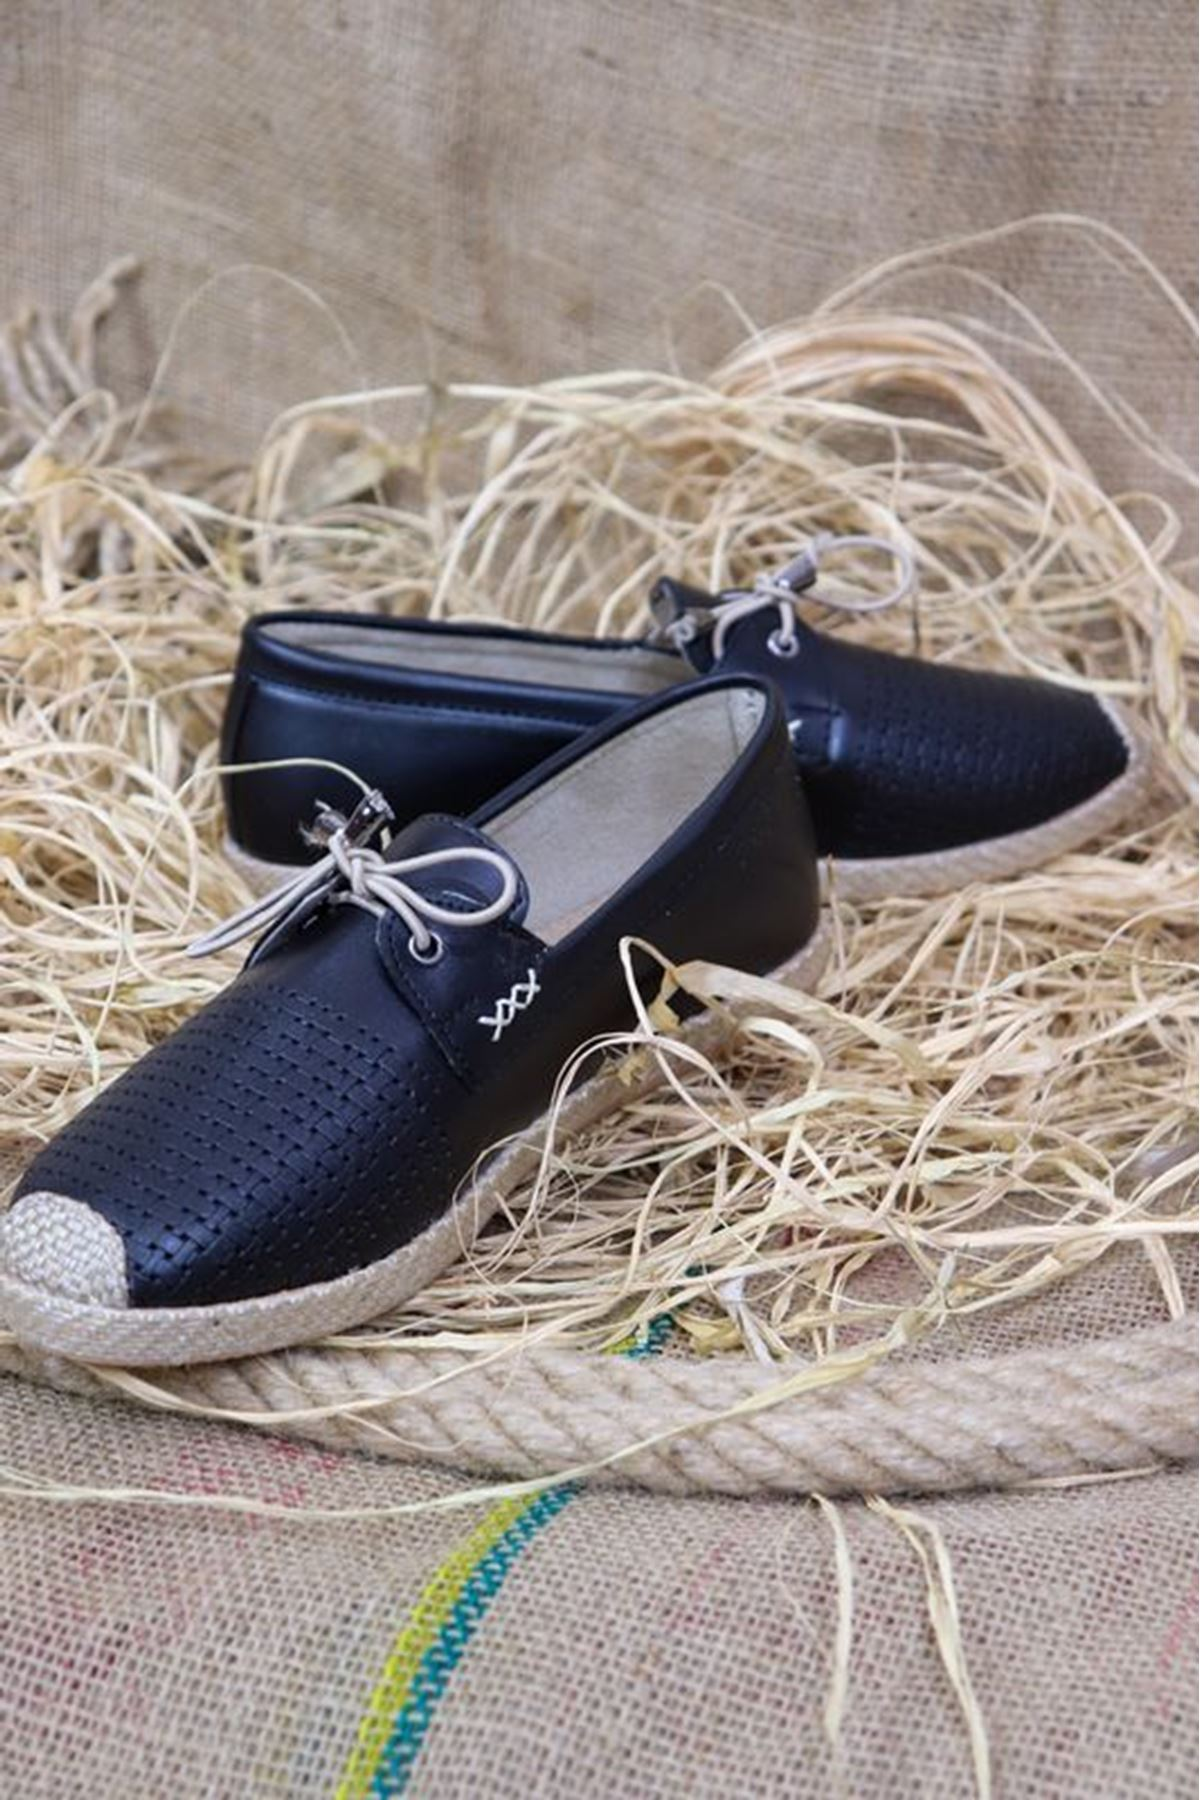 Trendayakkabı - Siyah Hasır Taban kadın ayakkabısı